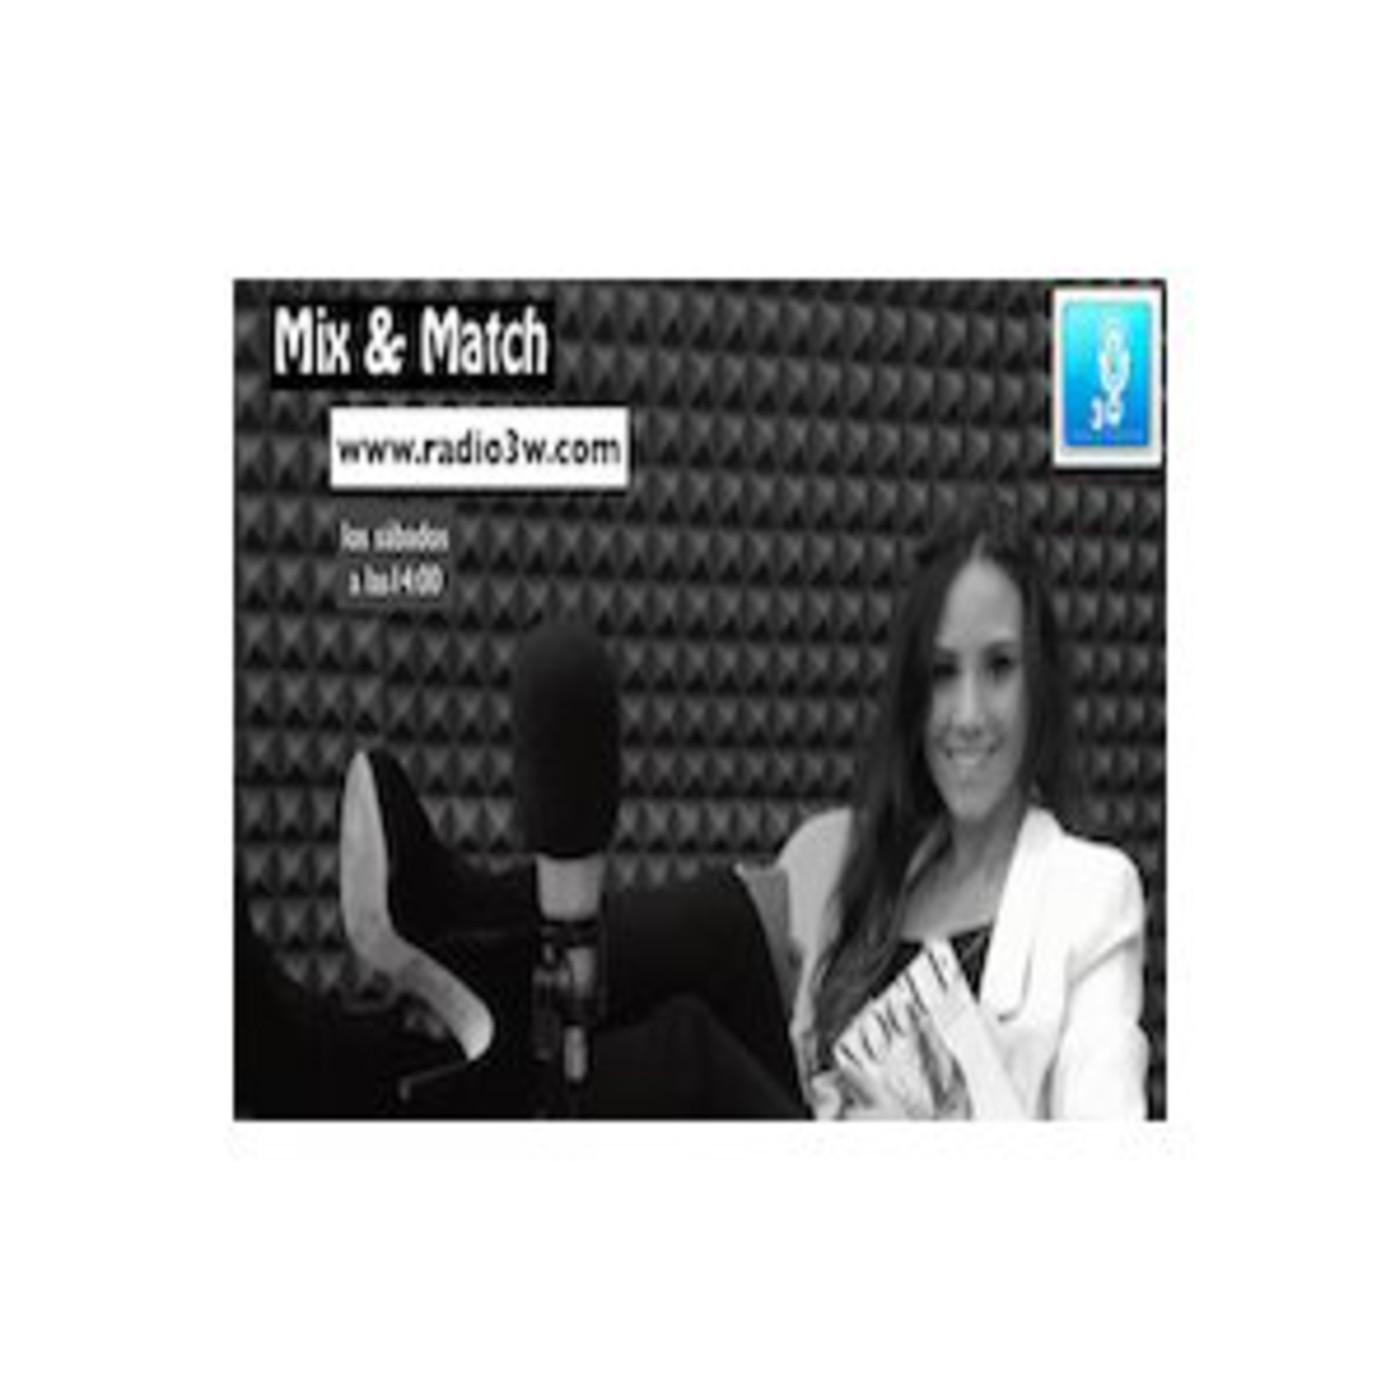 <![CDATA[Mix & Match]]>